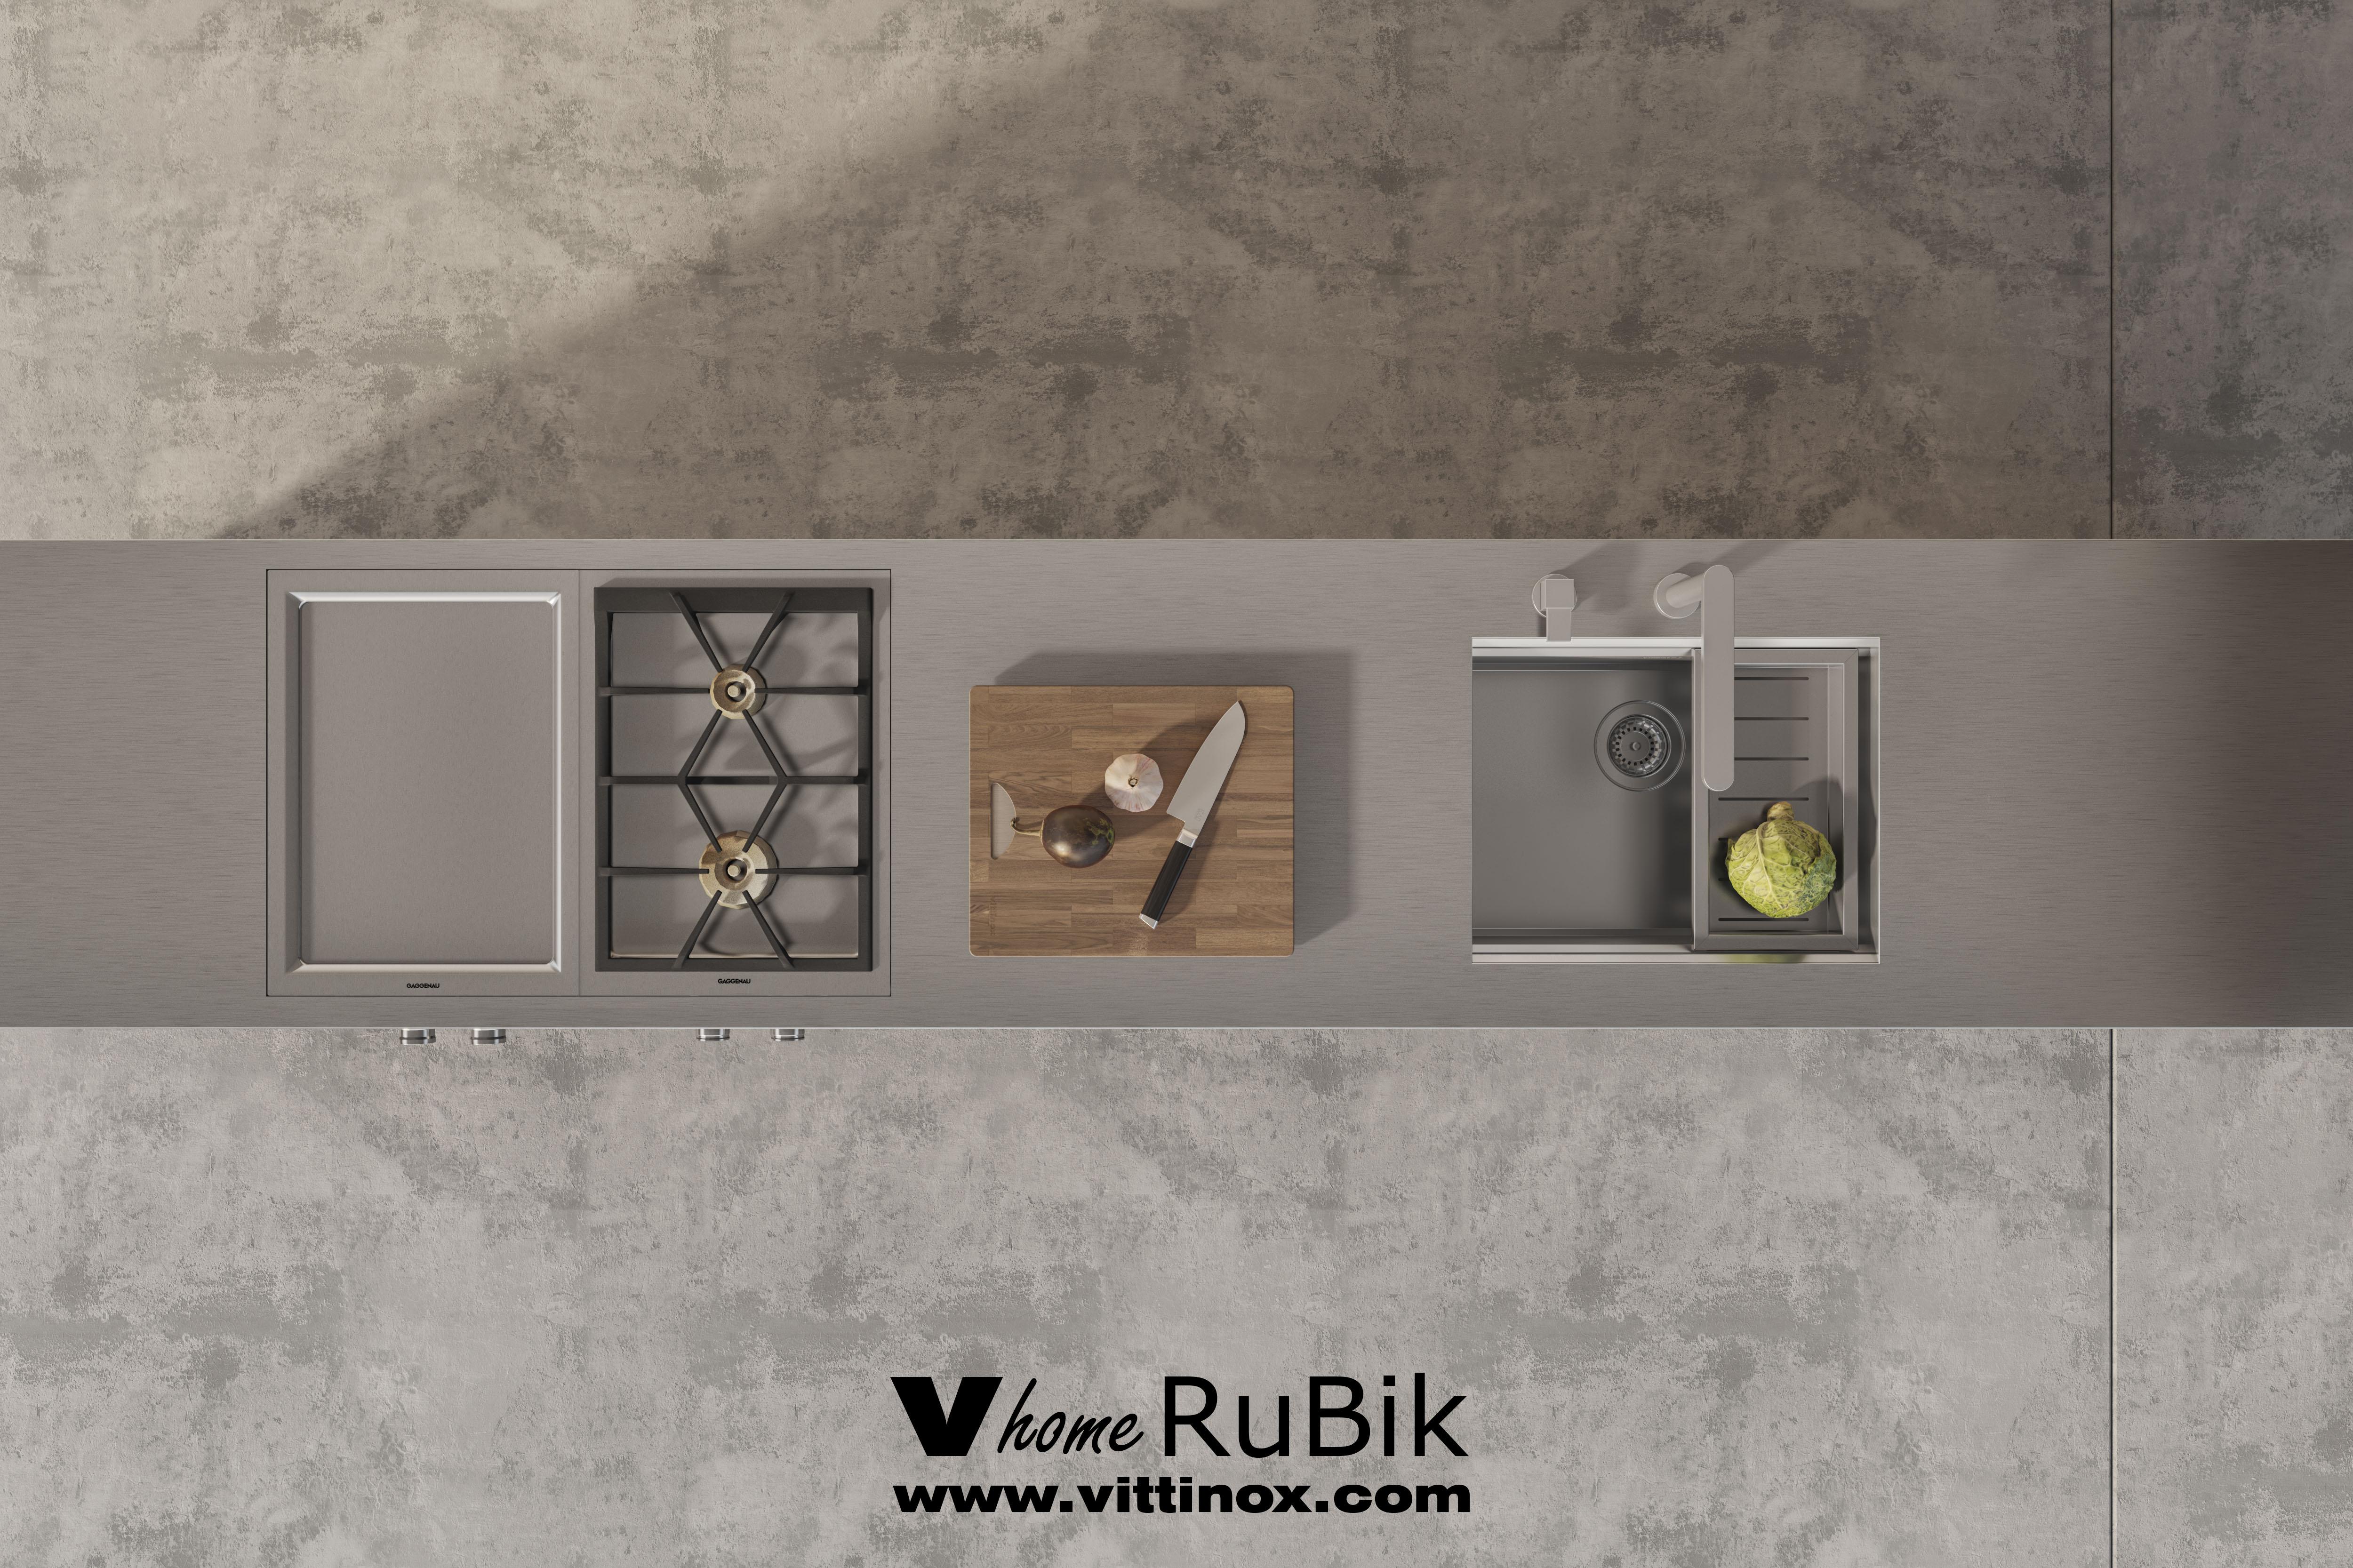 Vhome Rubik